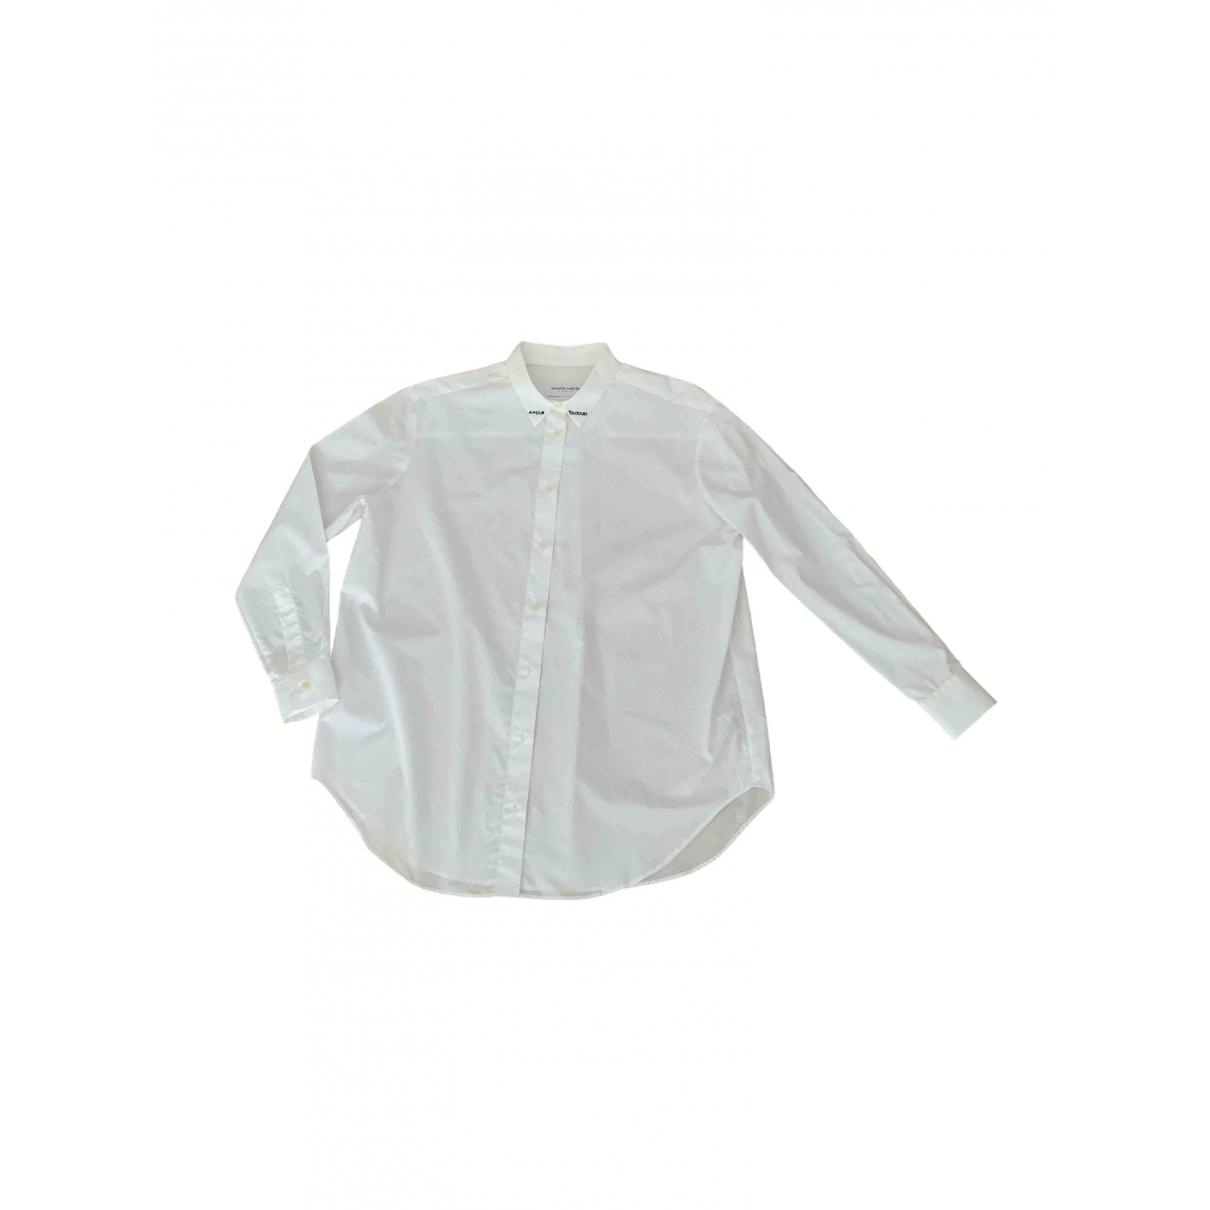 Maison Labiche - Top   pour femme en coton - blanc